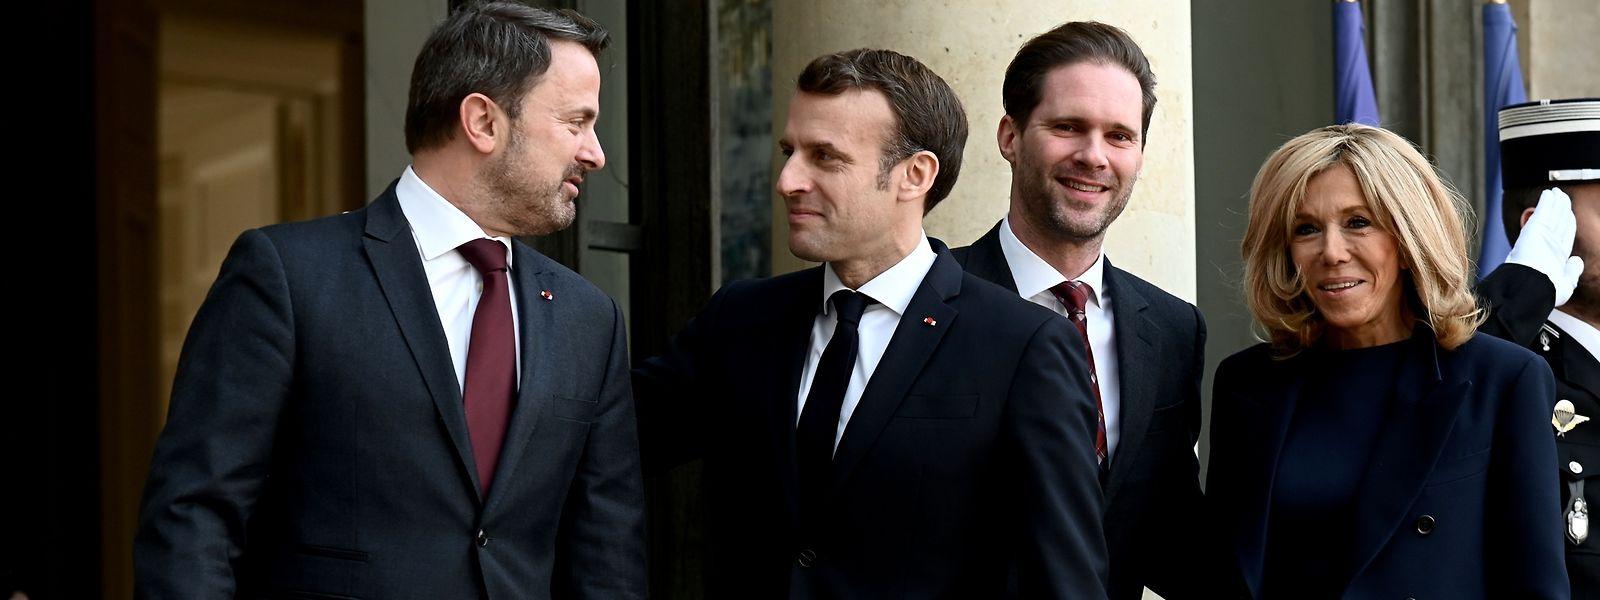 Sur le perron de l'Elysée, les époux Emmanuel et Brigitte Macron ont accueilli Xavier Bettel et son mari Gauthier Destenay.